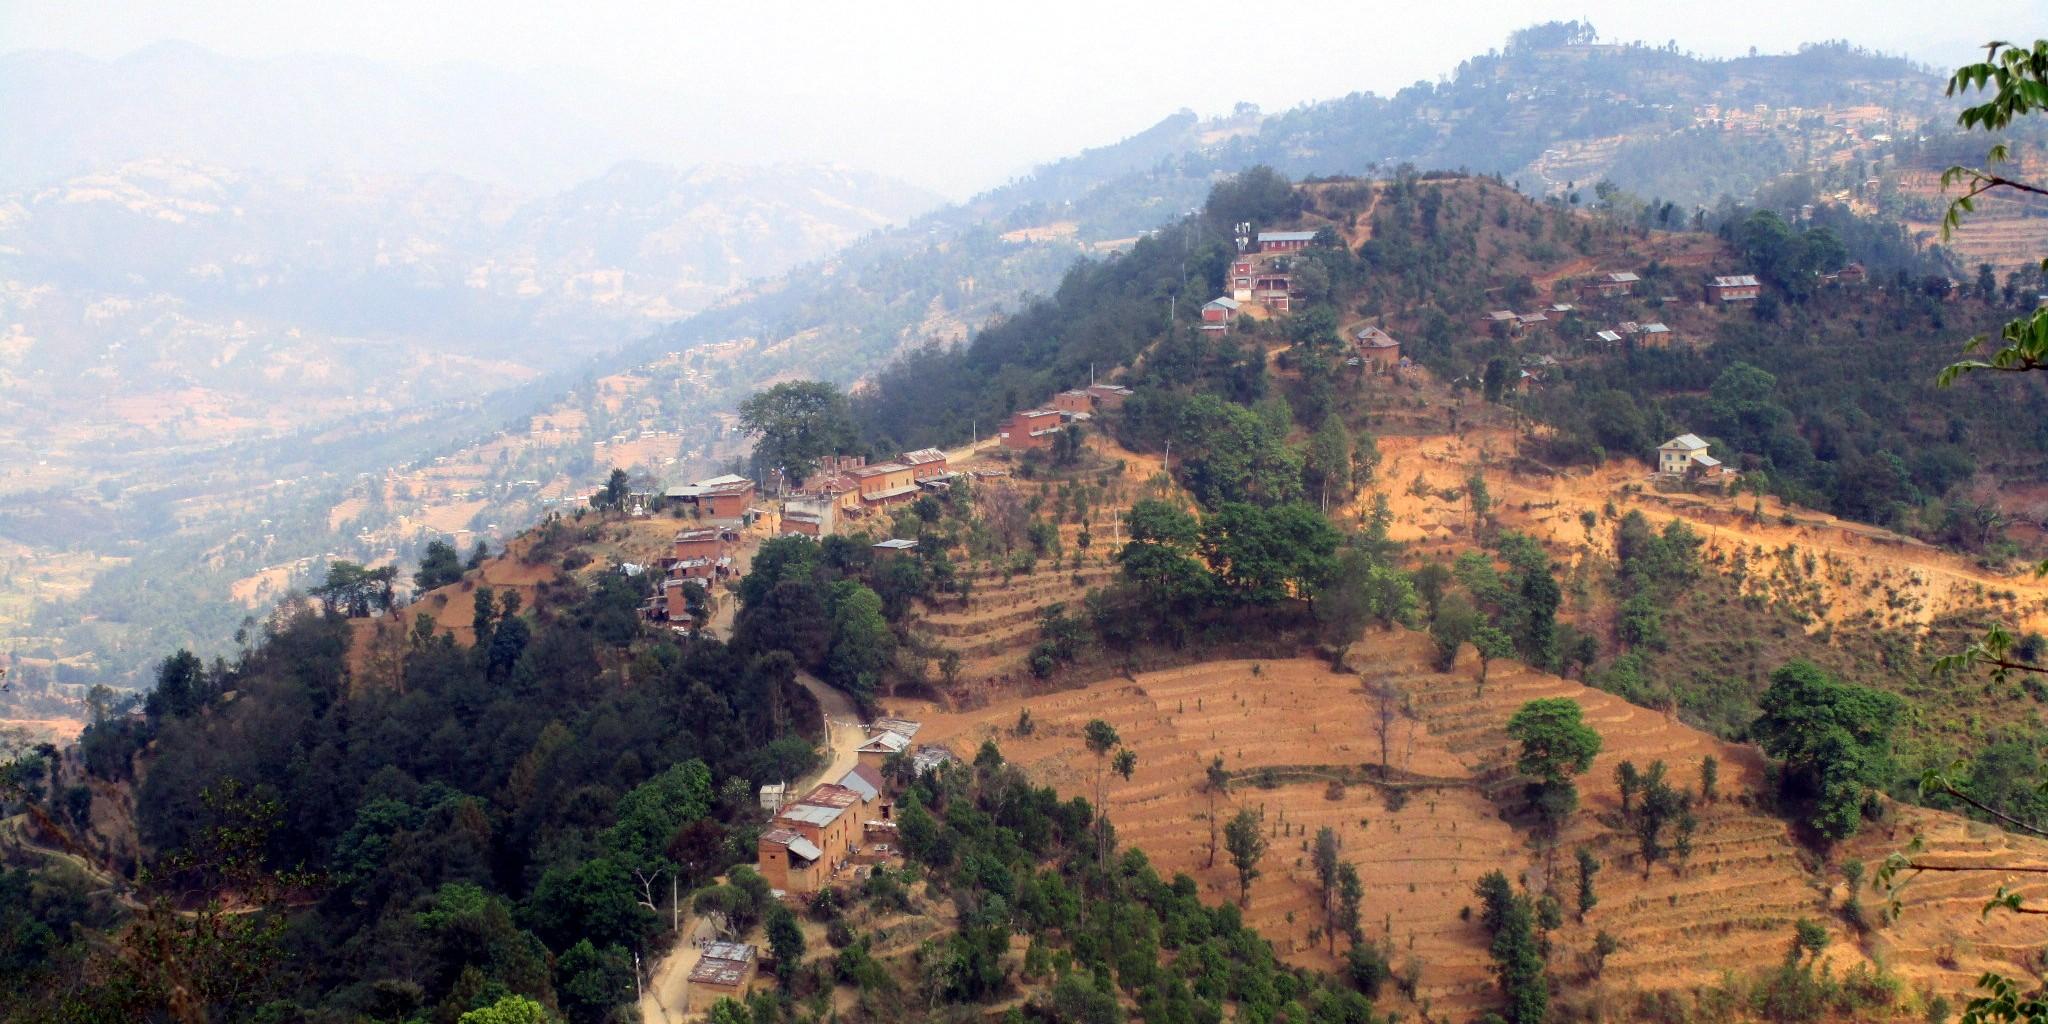 ridgeline-village-trail-2048x1152